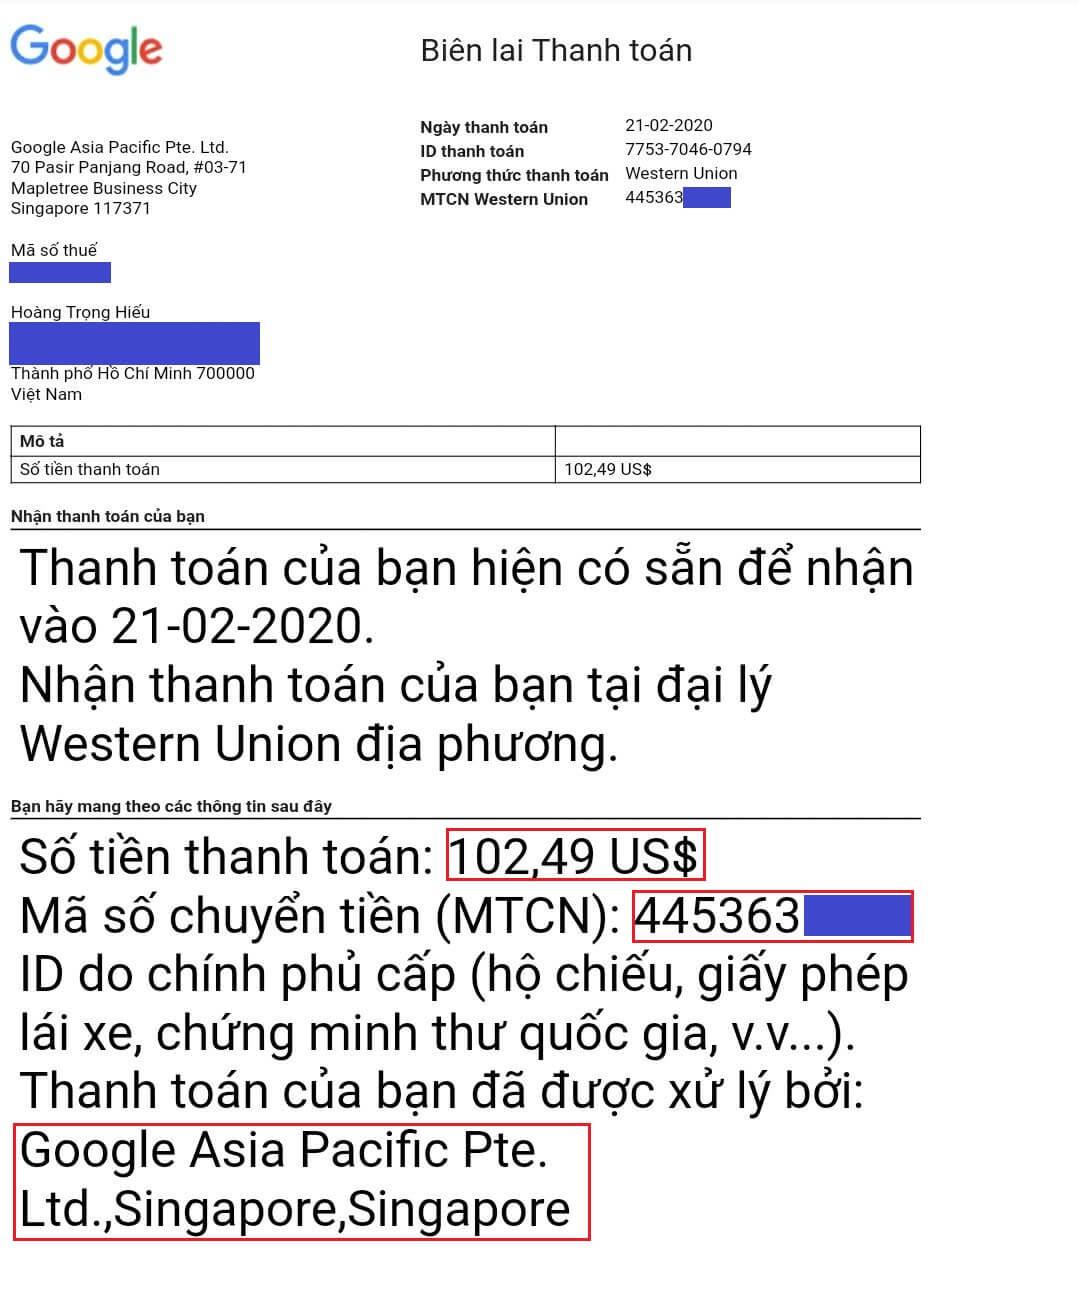 biên lai thanh toán - Hướng dẫn rút tiền Google Adsense qua Western Union trên ACB Online